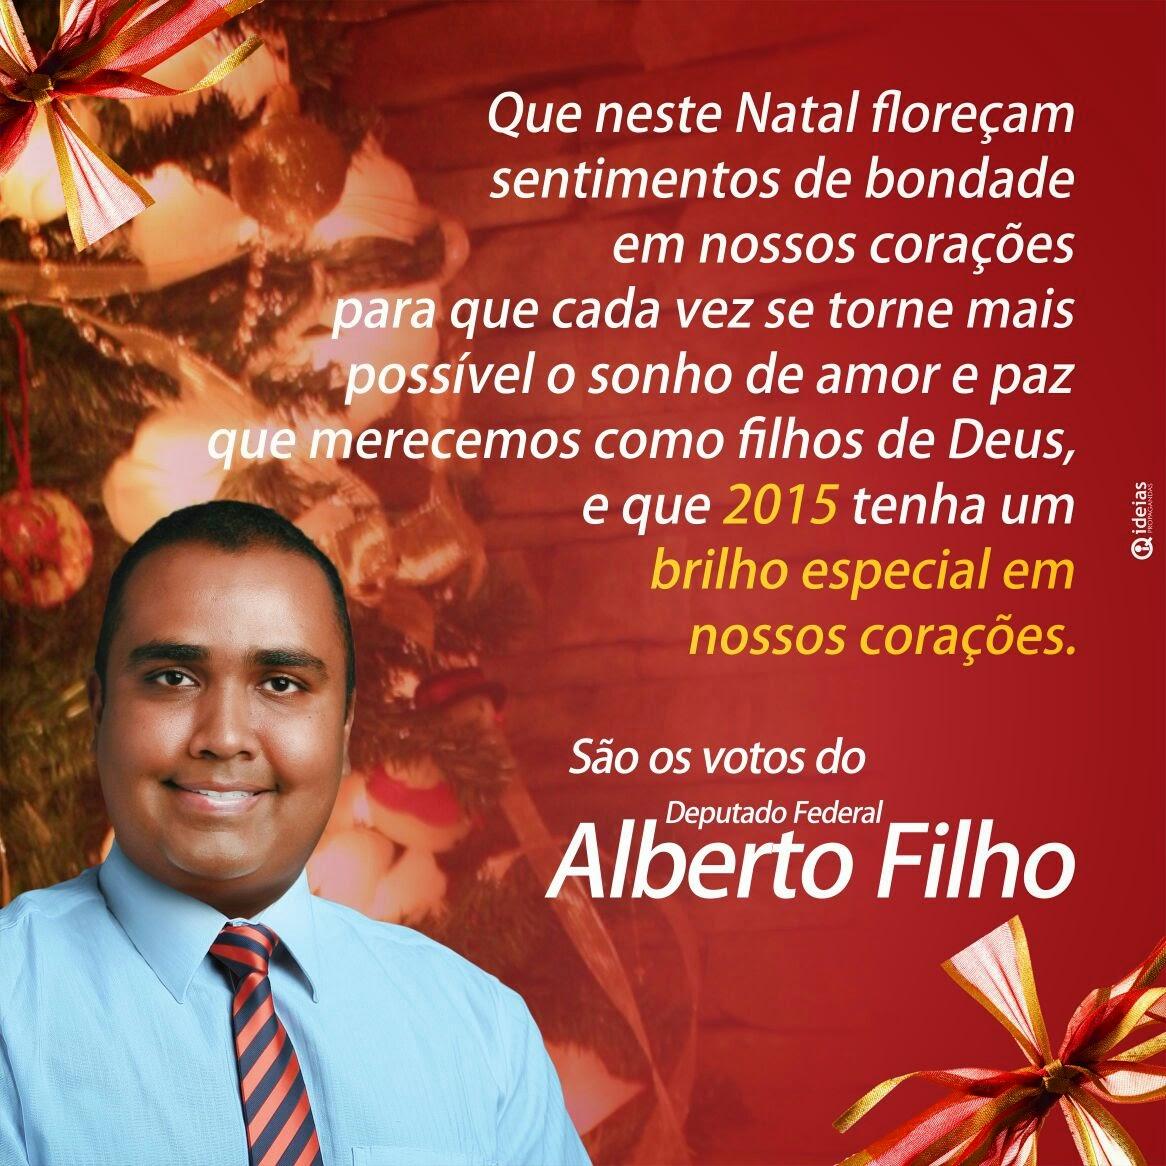 Deputado Federal Alberto Filho